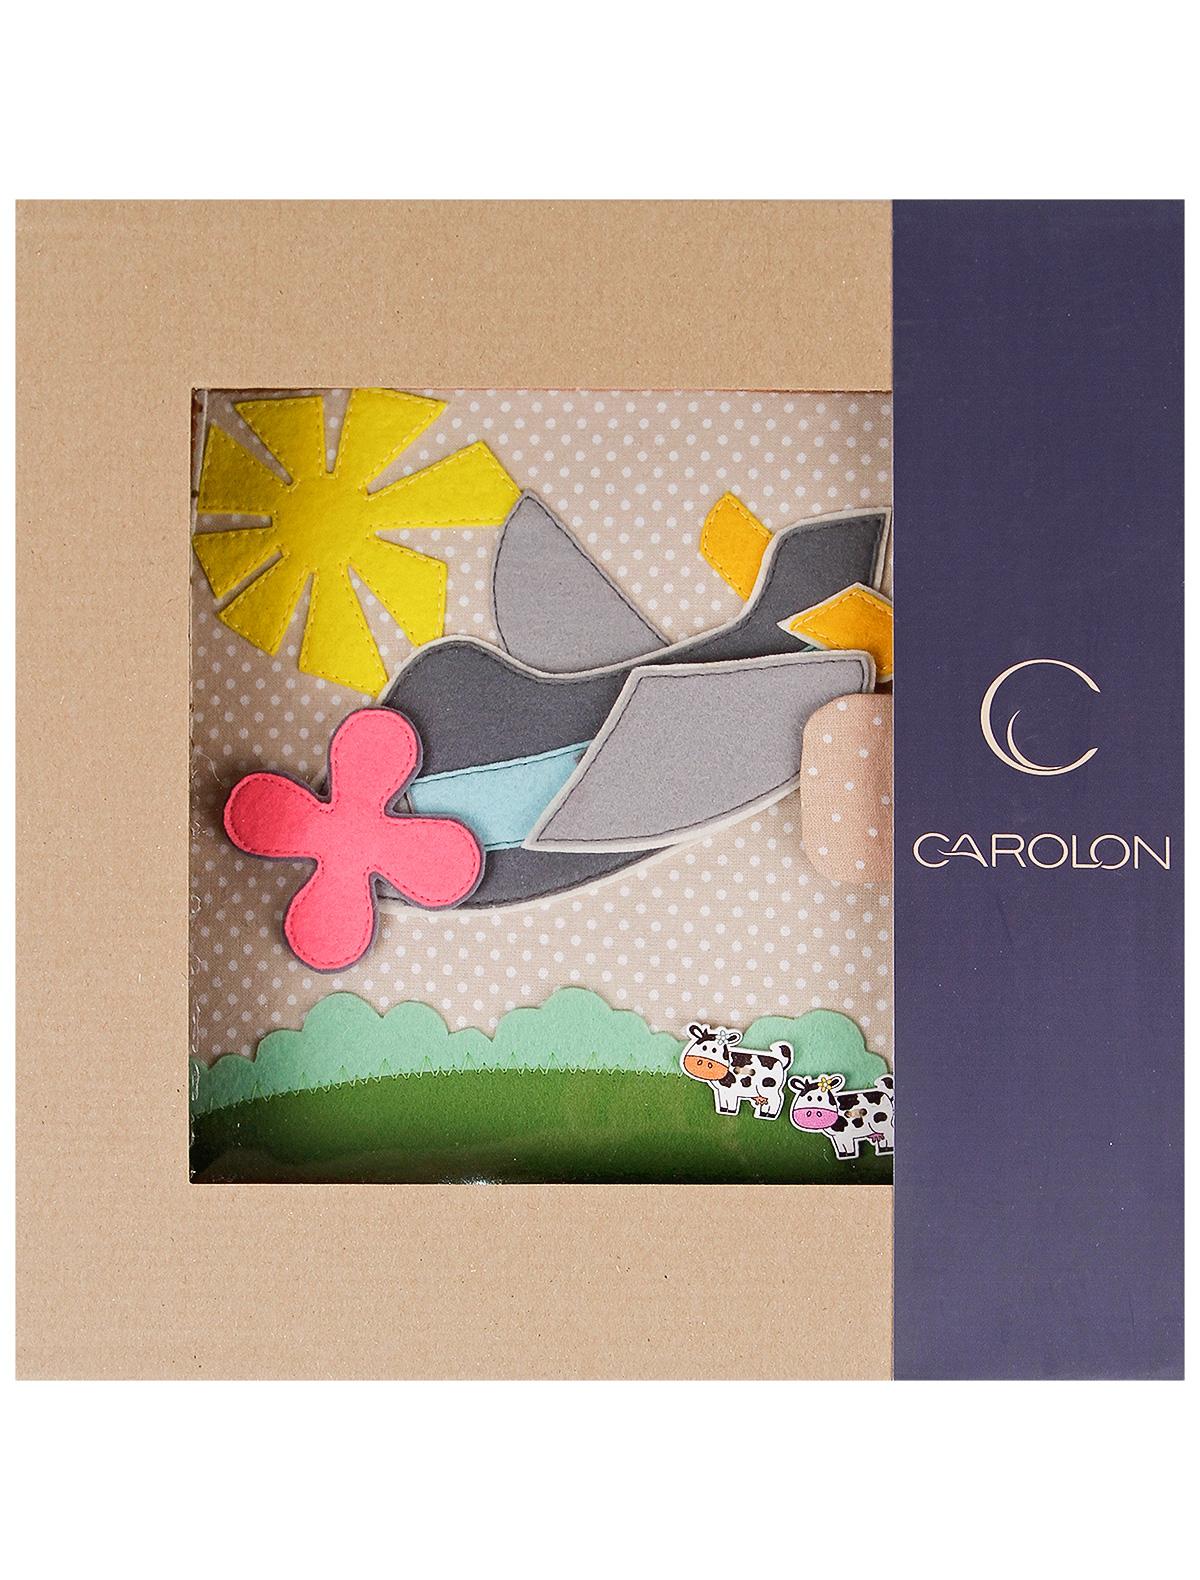 Купить 2213849, Игрушка мягкая Carolon, разноцветный, 7124520070404